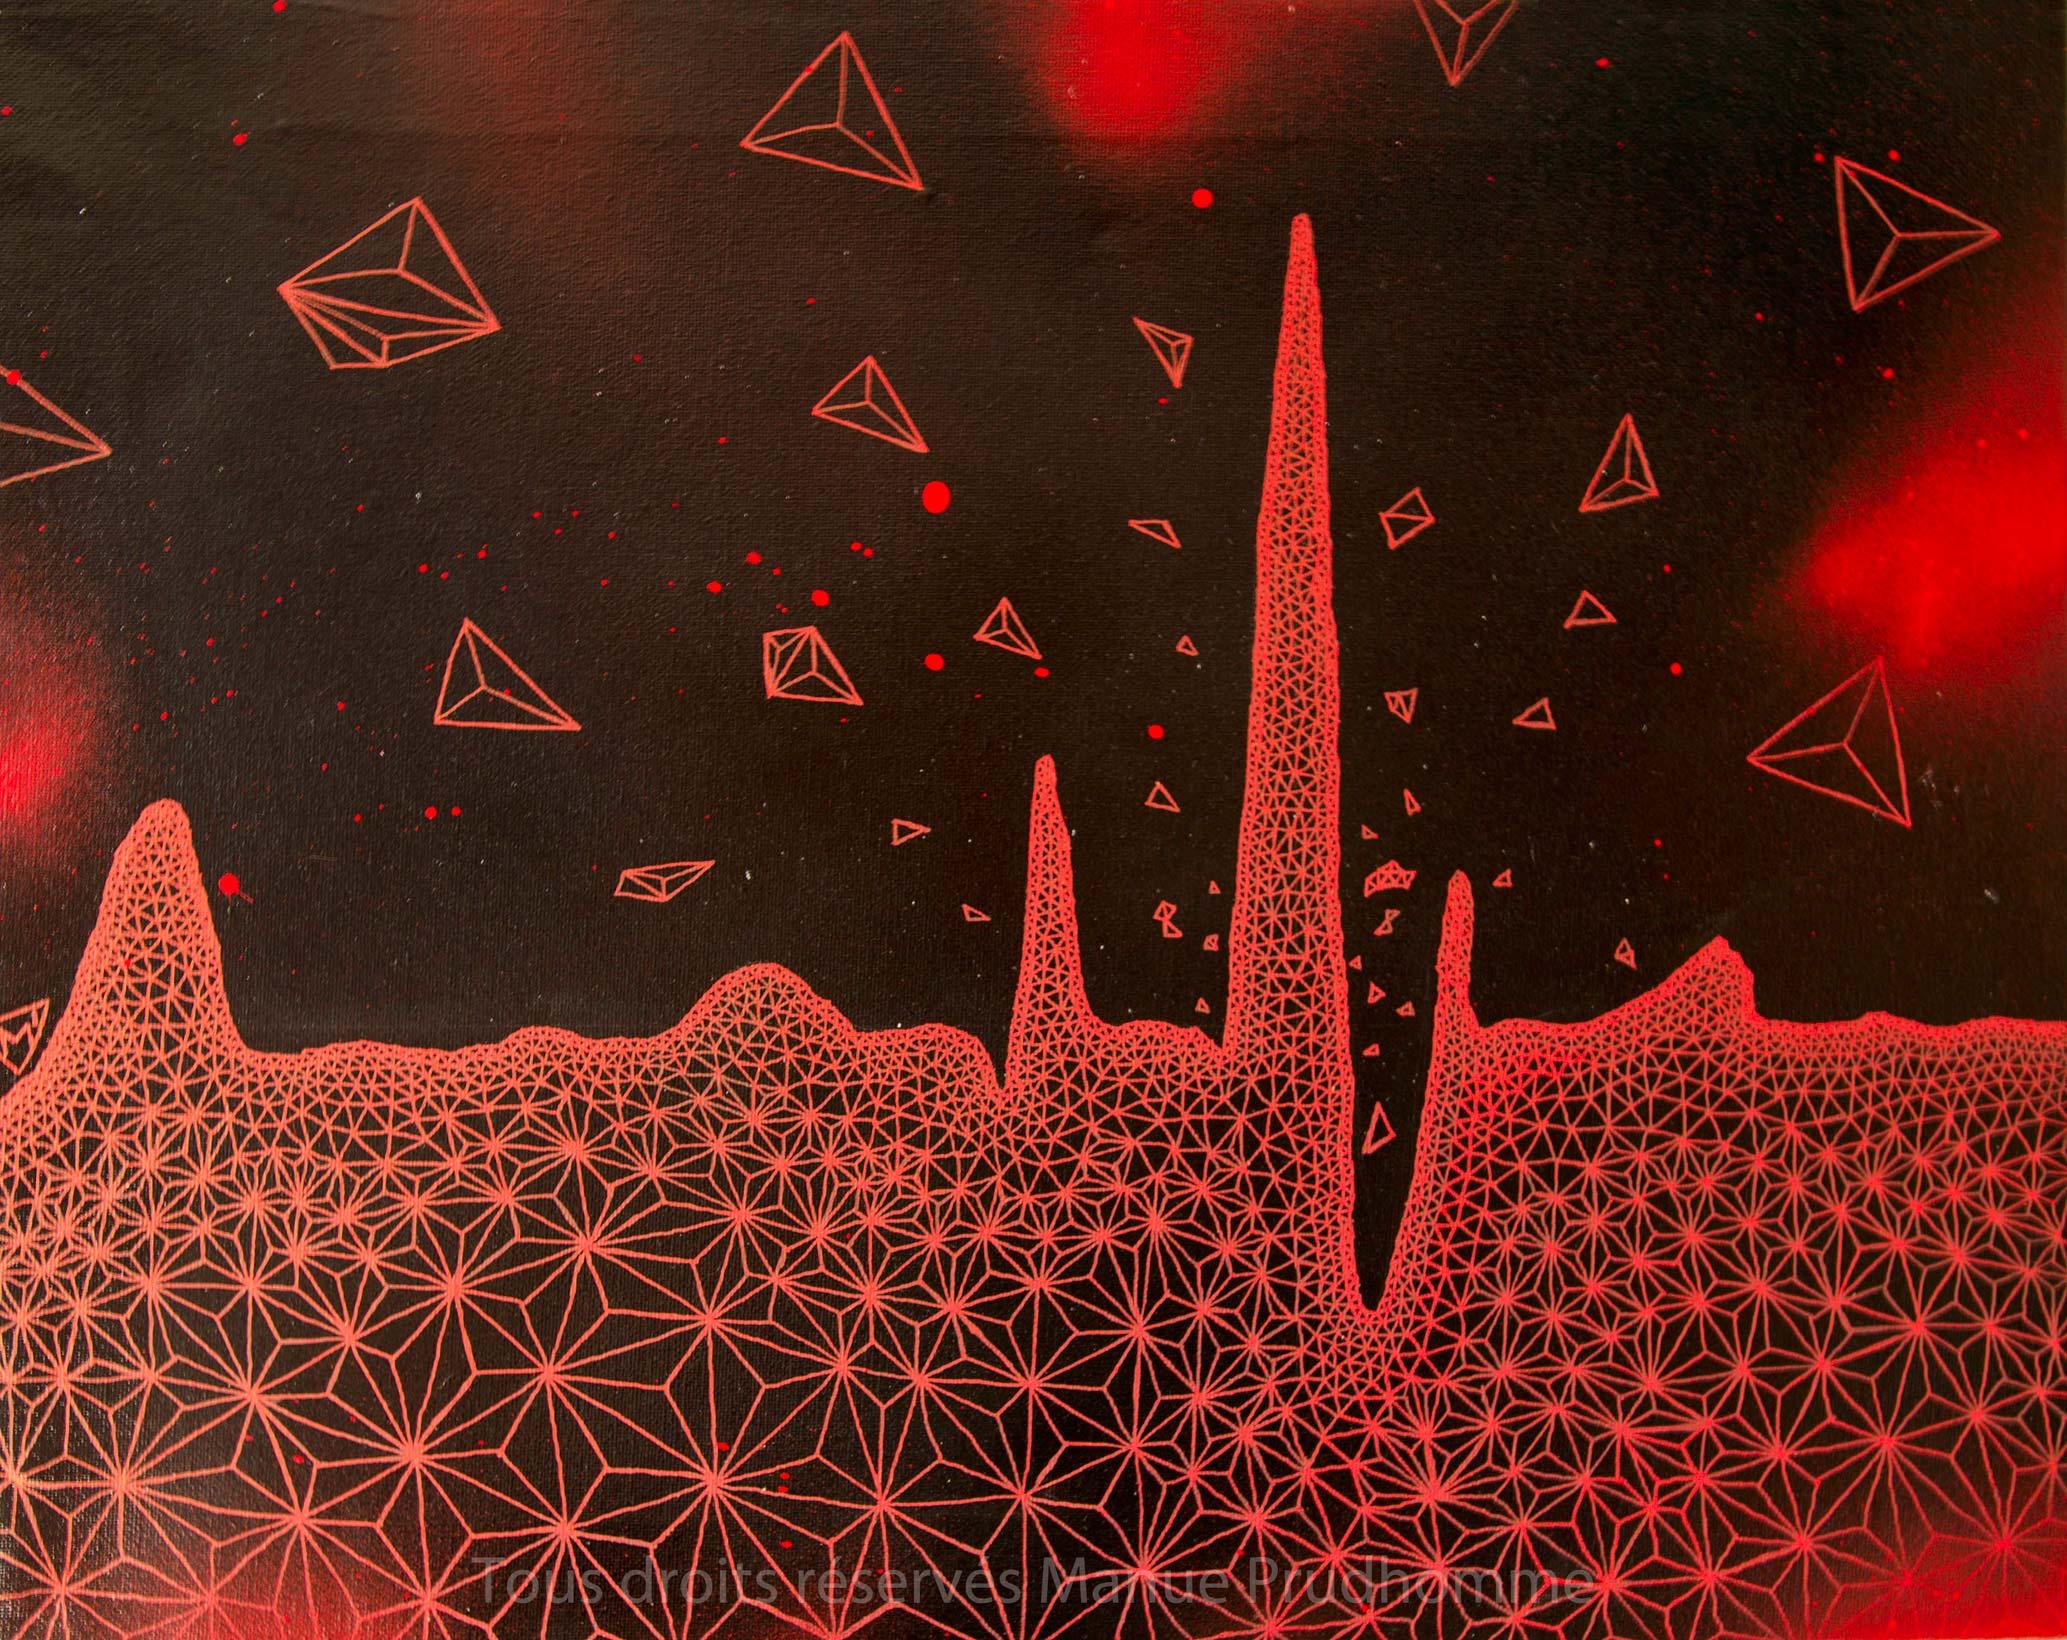 Hearbeat, 49,5x39,5 cm, peinture en bombe, acrylique sur toile